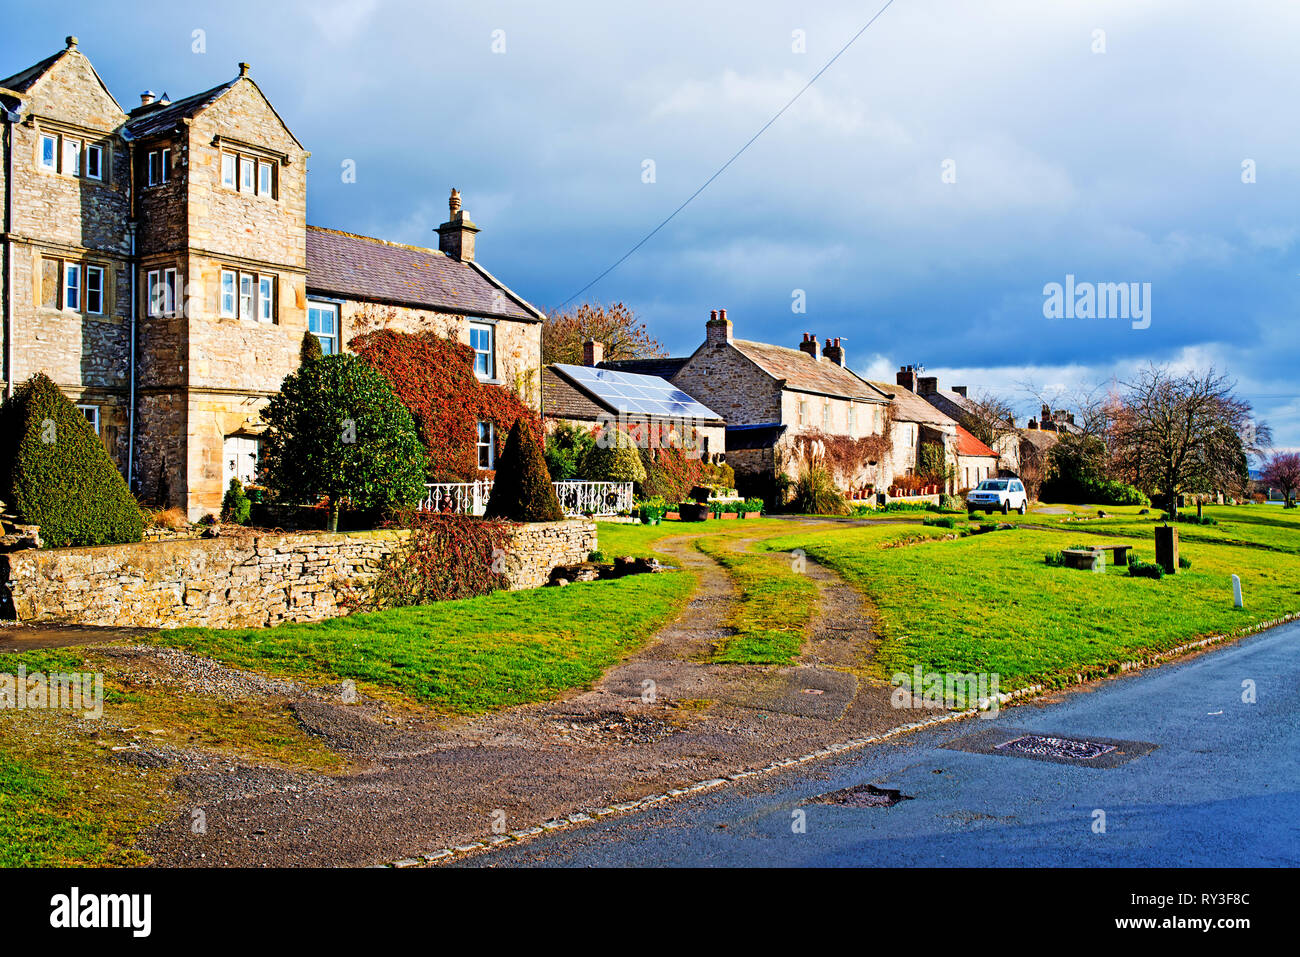 Bellerby, North Yorkshire, Periodo Casa con paneles solares, Inglaterra Imagen De Stock